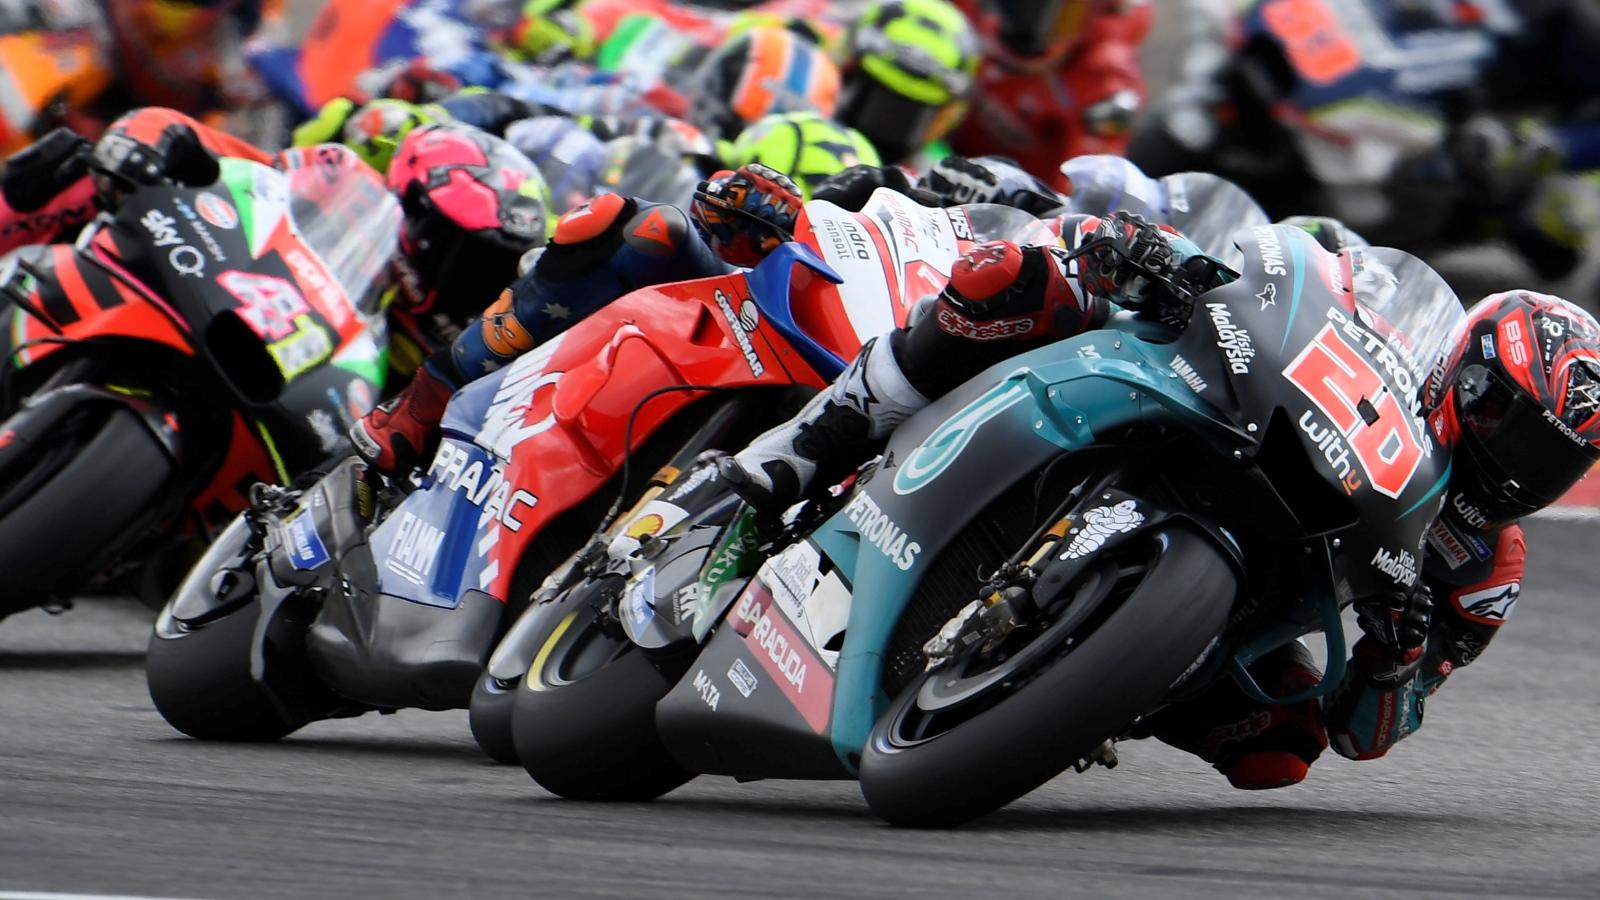 Dorna sale al rescate financiero de los equipos de MotoGP, Moto2 y Moto3